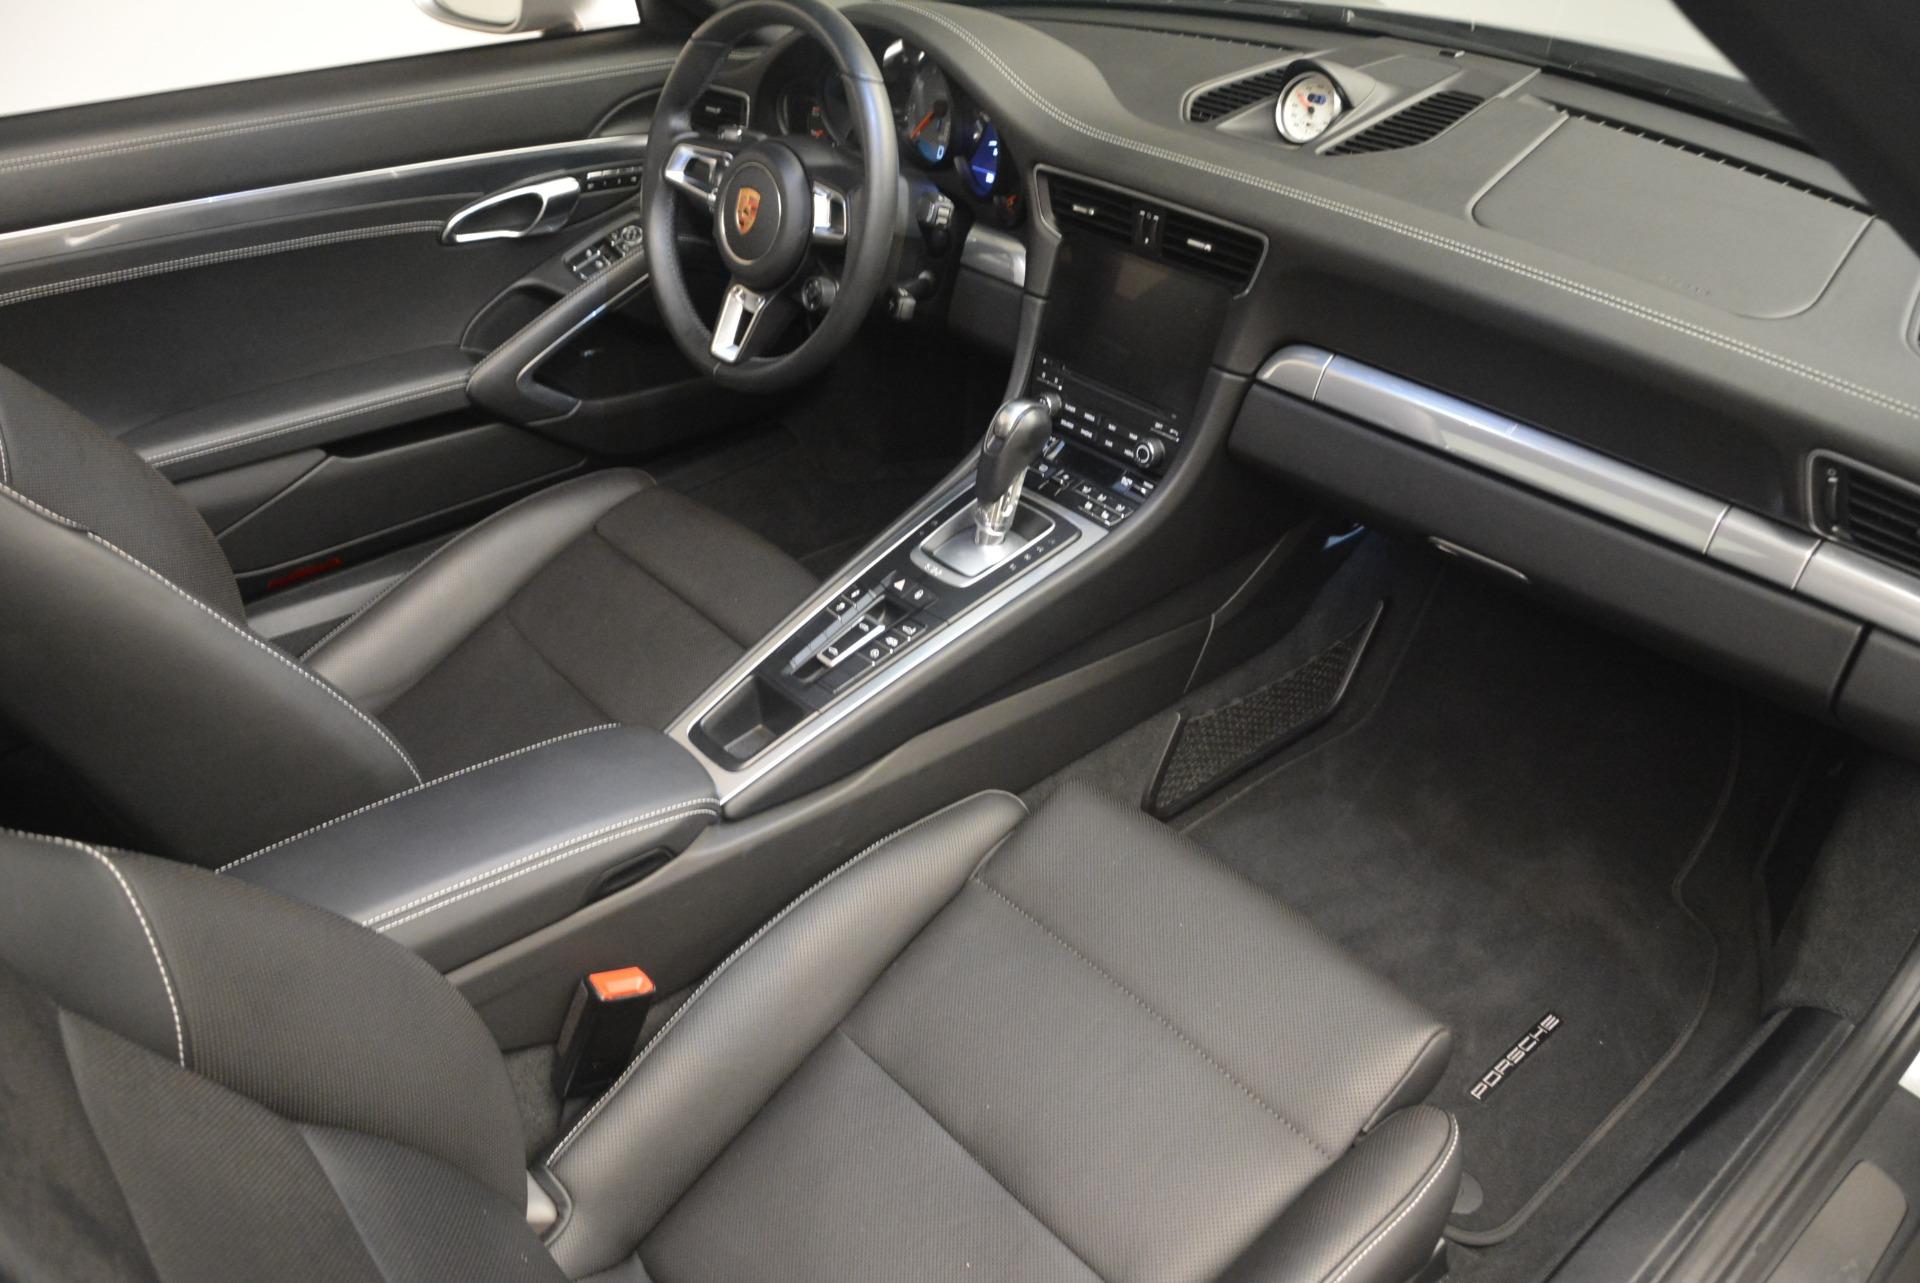 Used 2017 Porsche 911 Targa 4S For Sale In Westport, CT 2282_p34